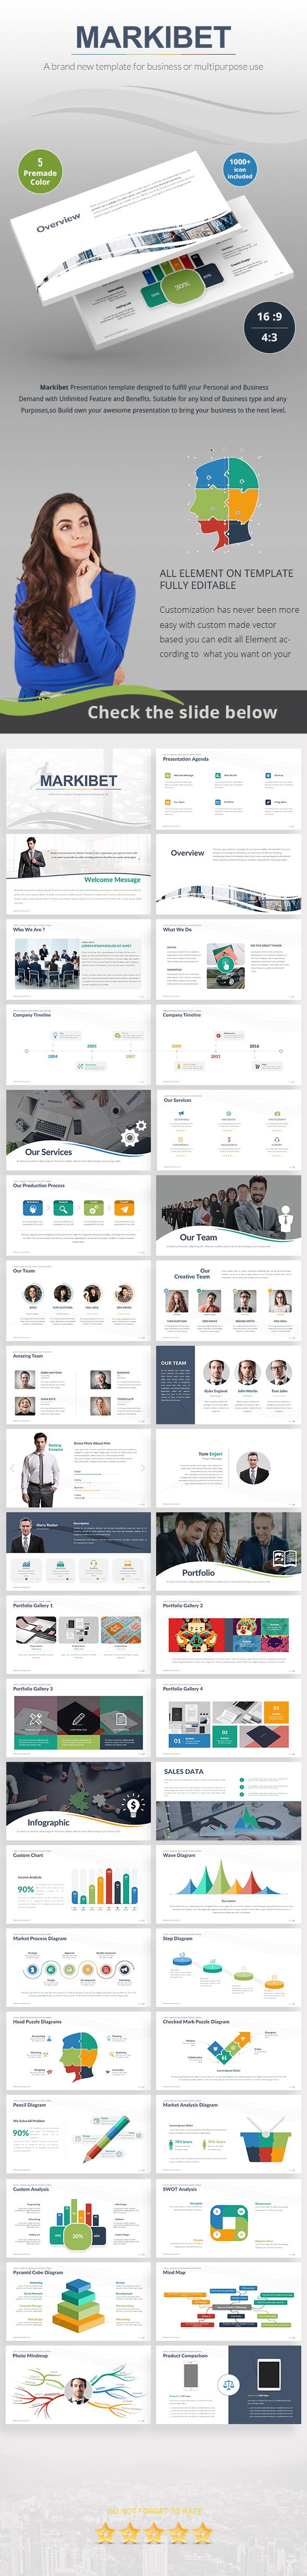 Markibet Powerpoint Template Design - Business PowerPoint Templates